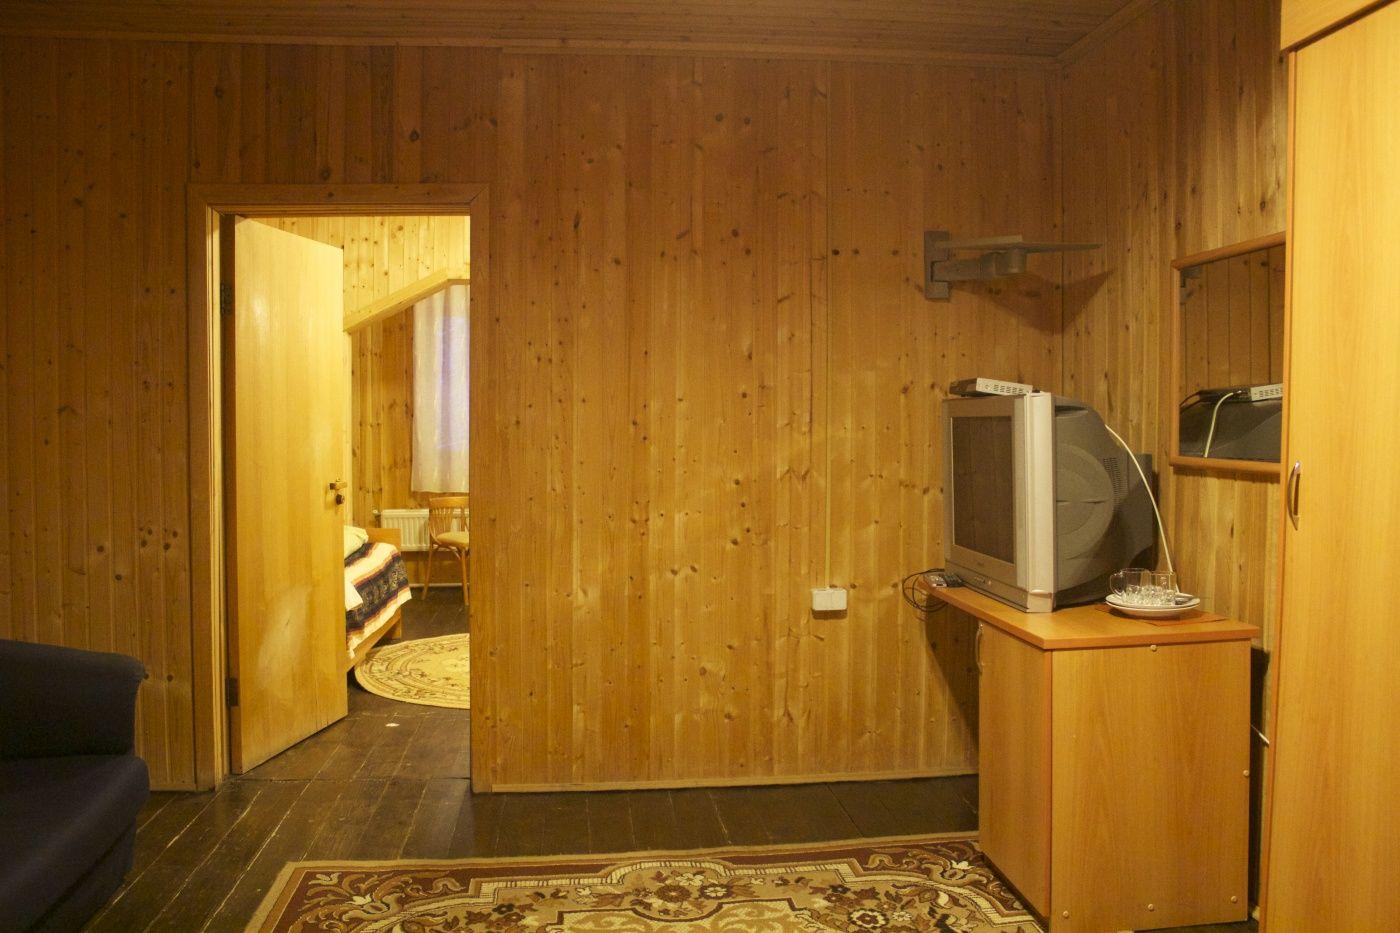 Коттеджный комплекс «Шиболово-Горки» Московская область 2-комнатный 2-местный номер (№ 1-10), фото 4